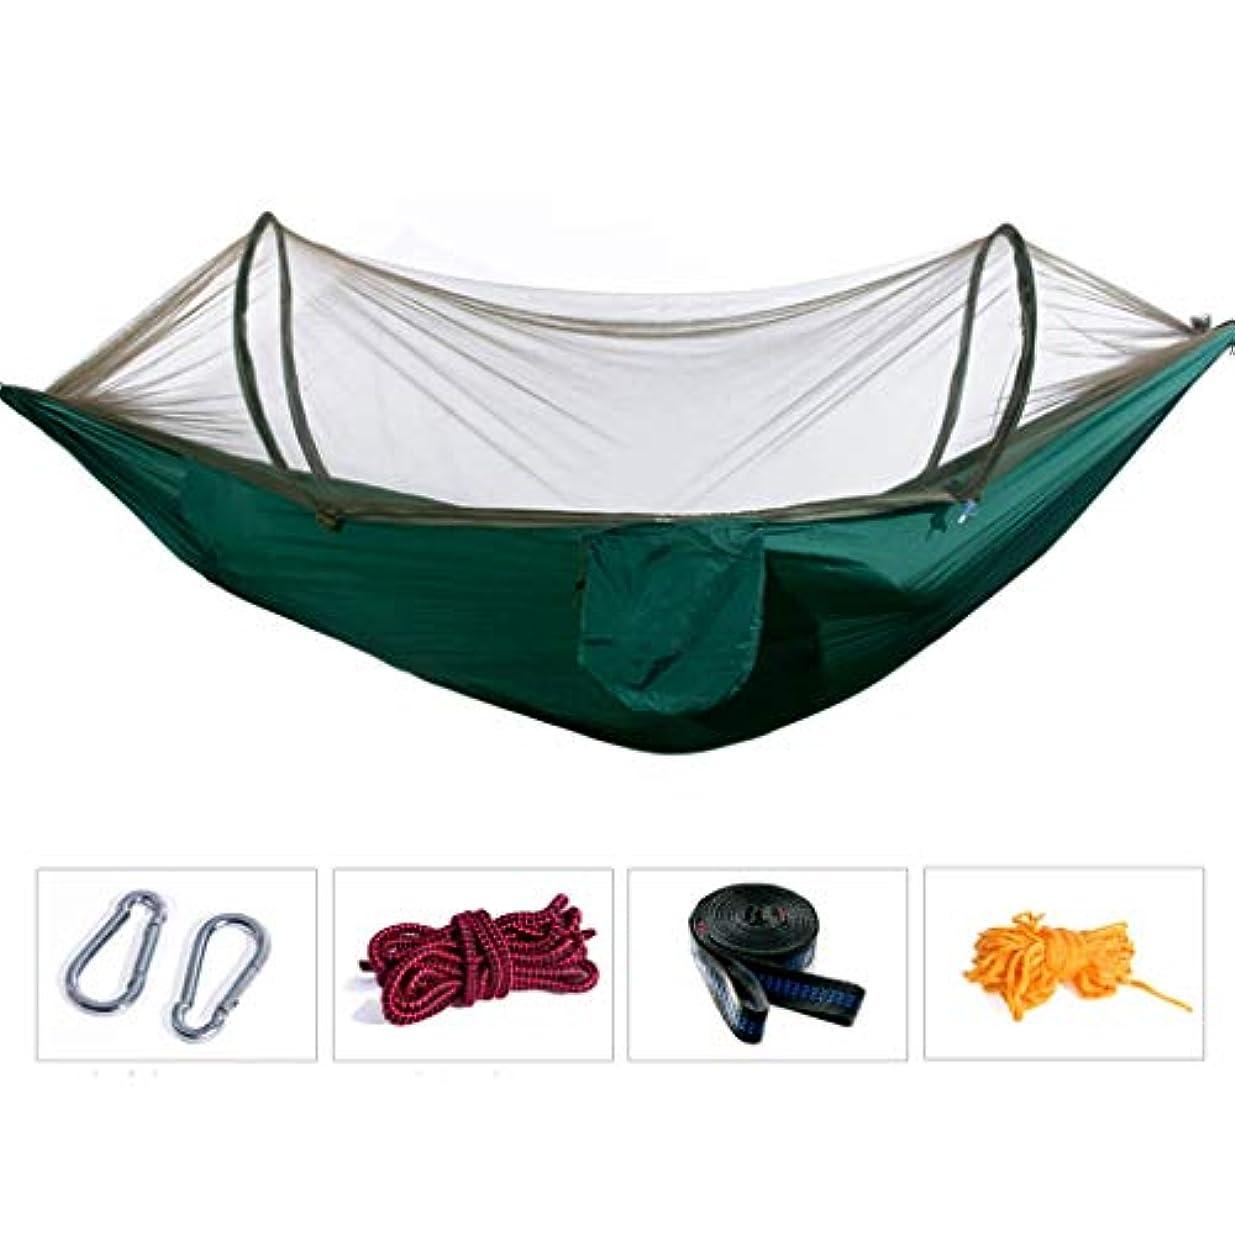 顕現罪割り当てハンモック 蚊帳付き屋外ハンモック自宅で寝るダブルハンモック野外反ロールオーバースイングハンモック多機能ハンモック、体重約180KG (Color : Green, Size : 260*140cm)